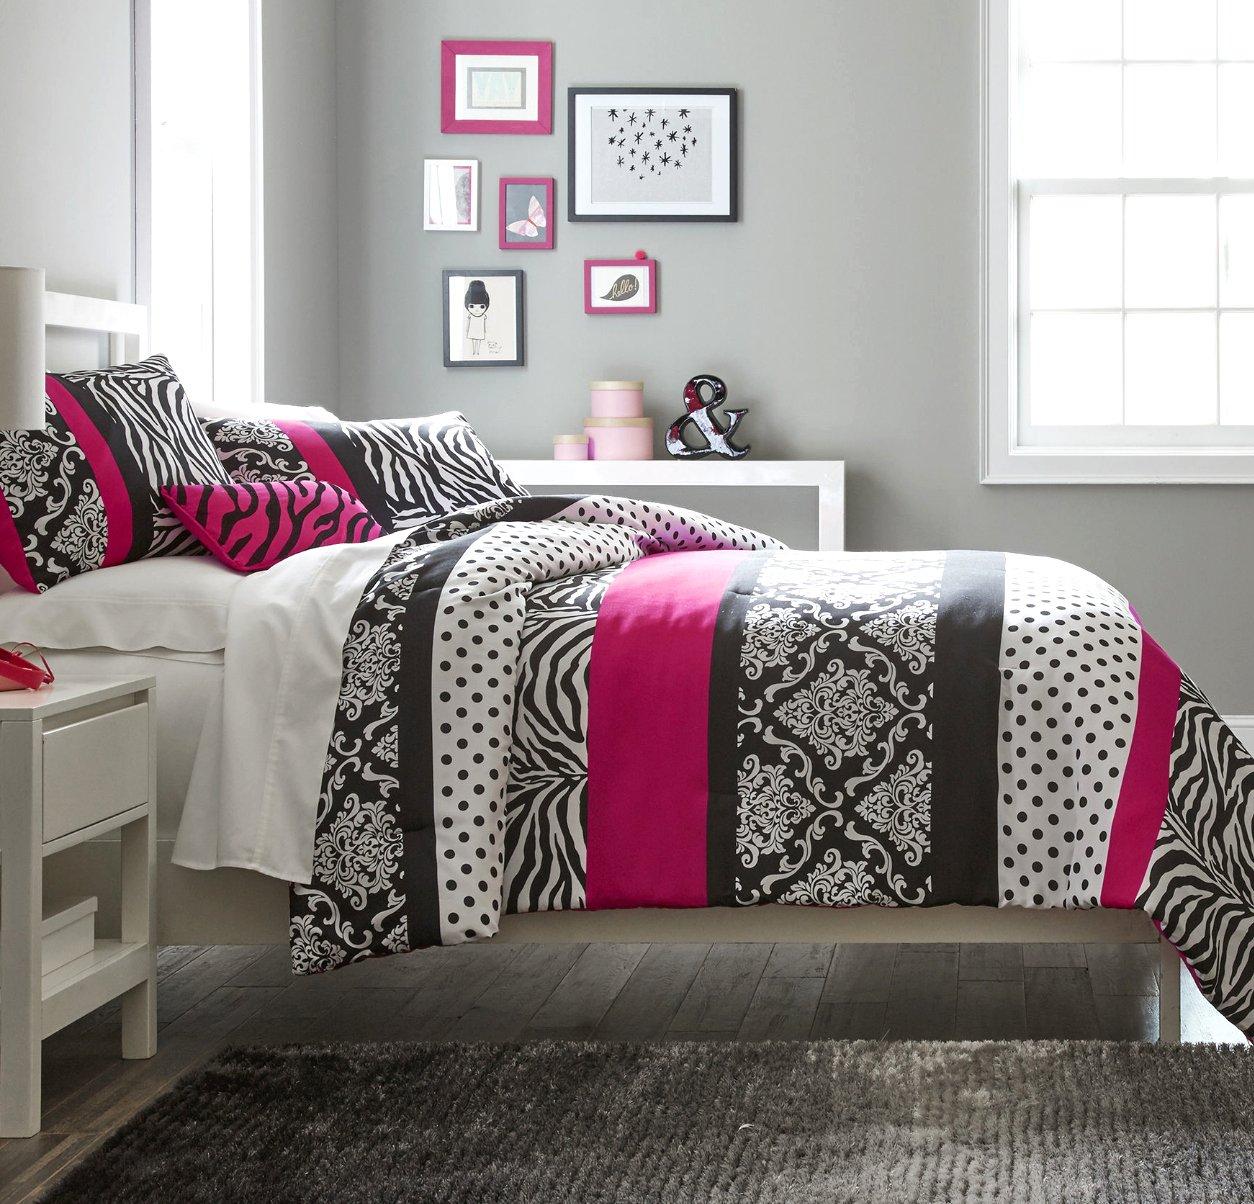 Cute Bedspread: Amazon.com